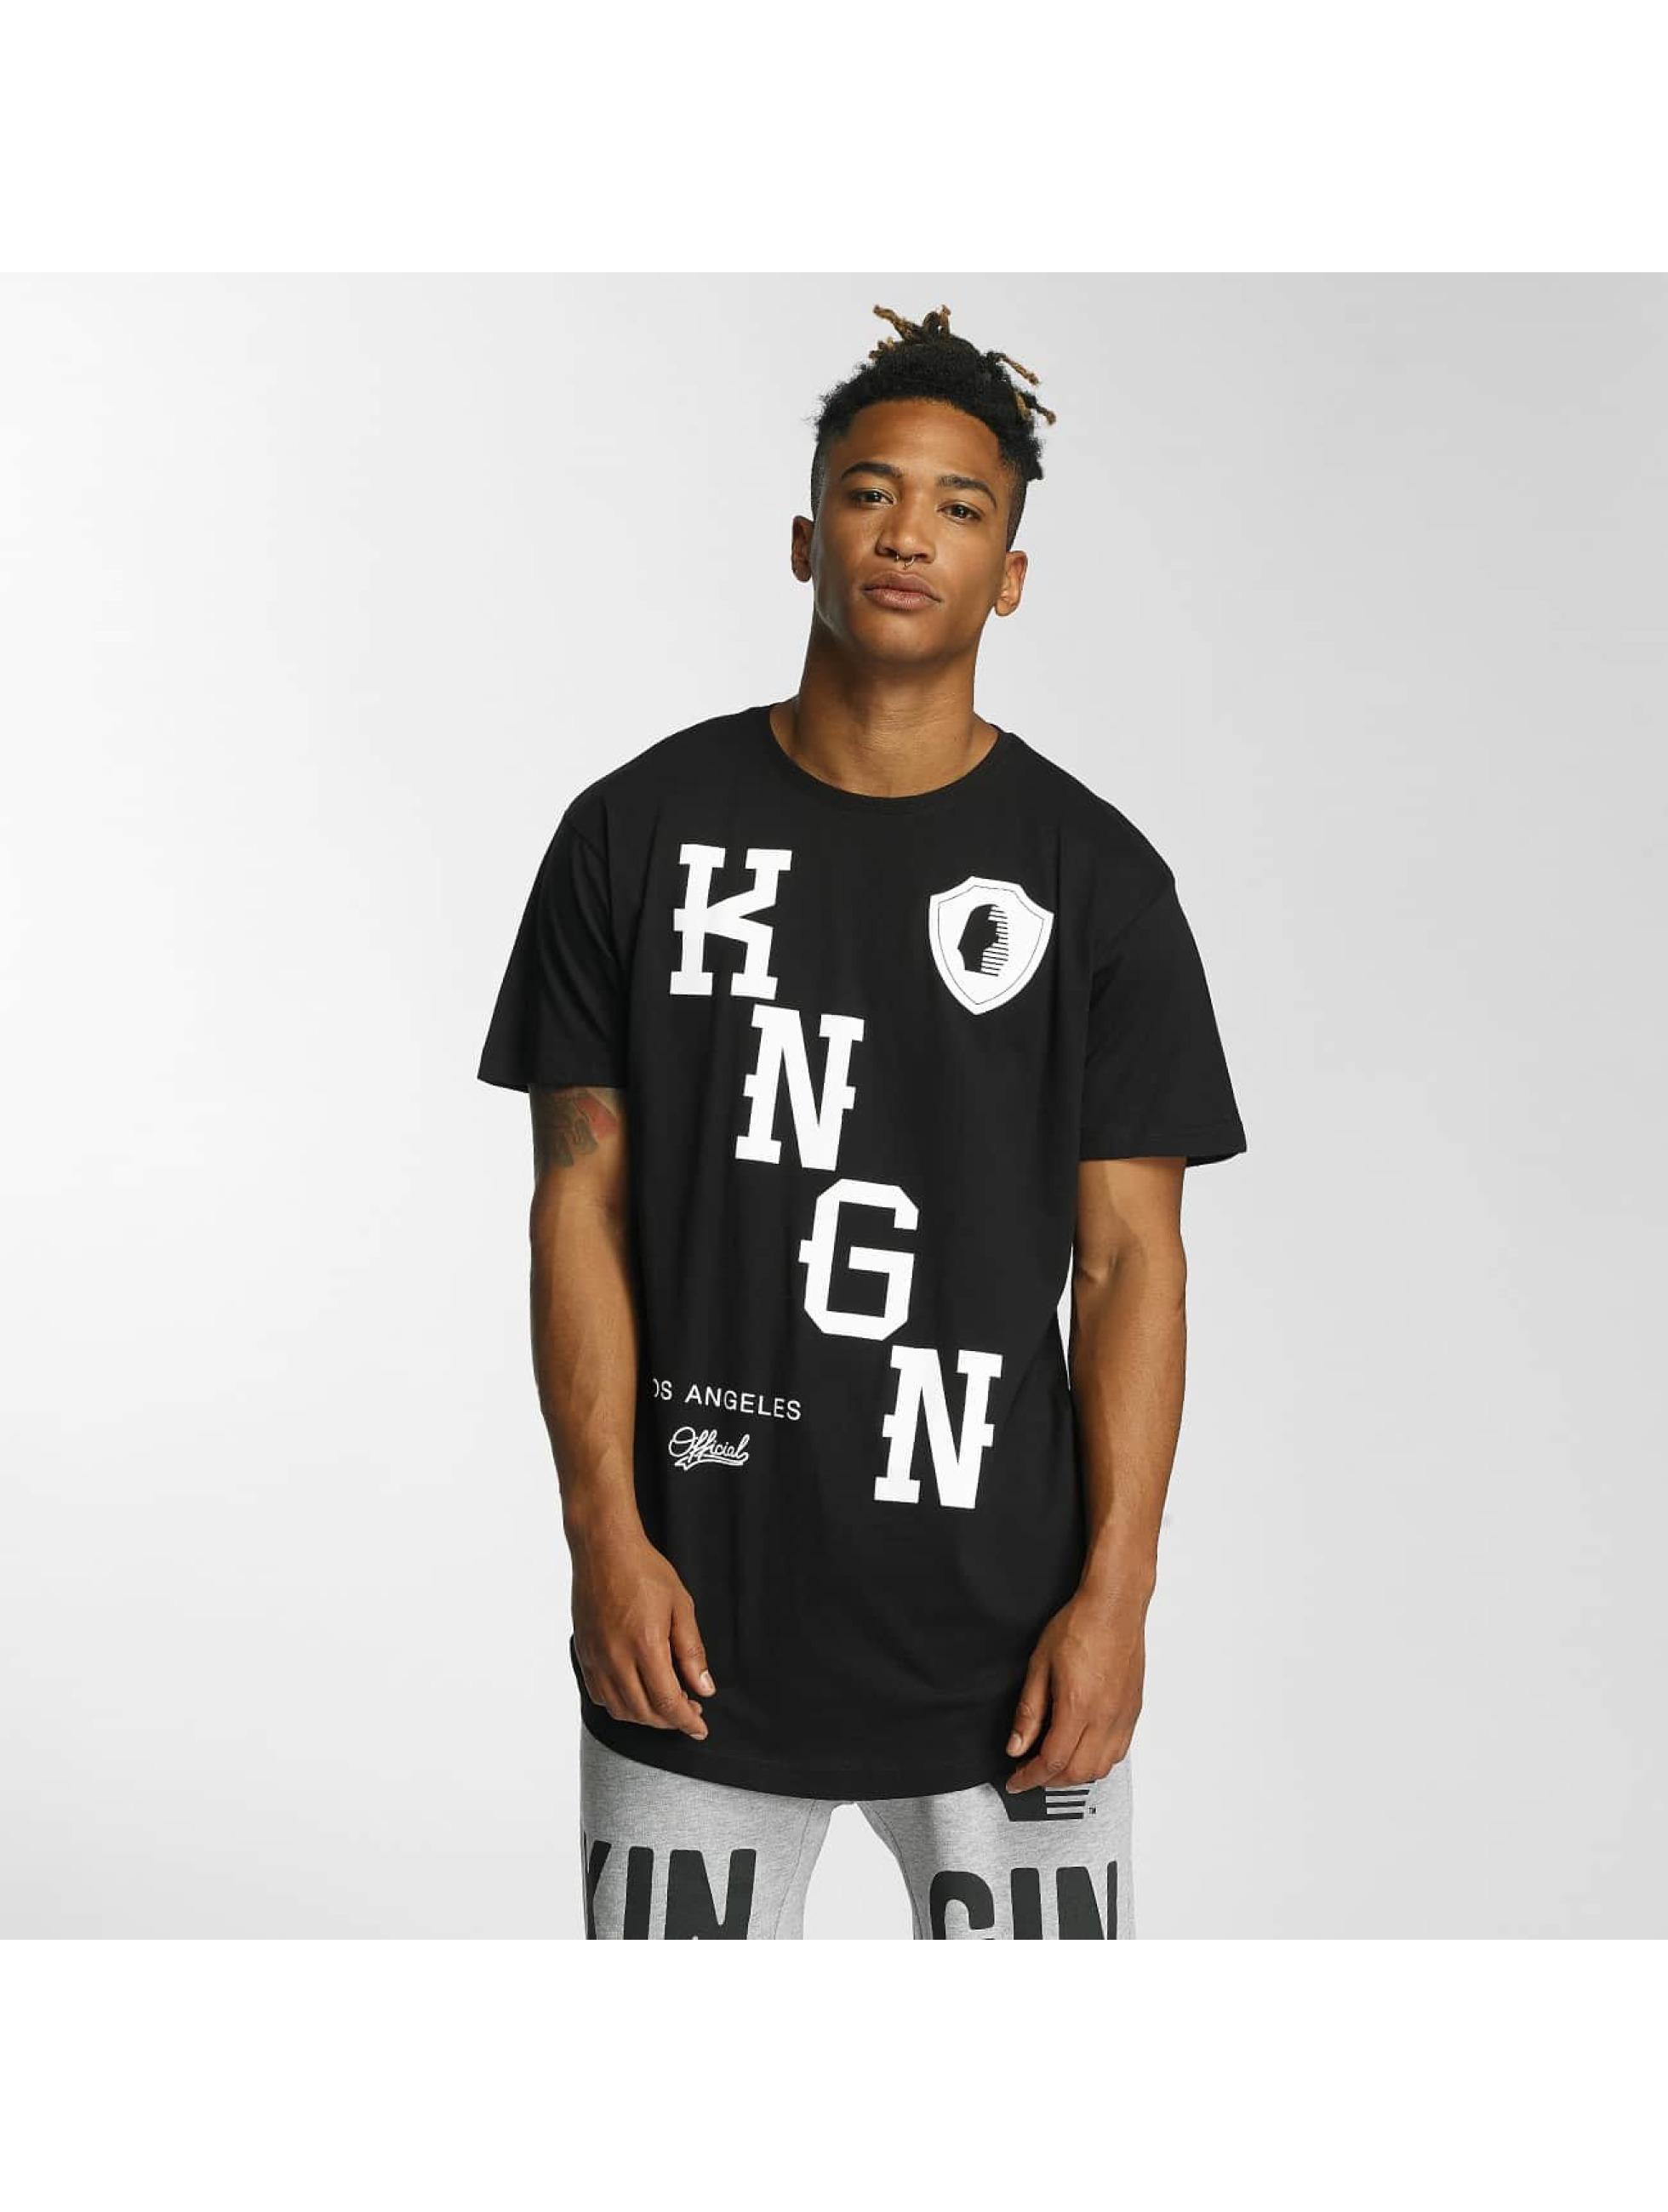 Kingin T-Shirt KNGN noir